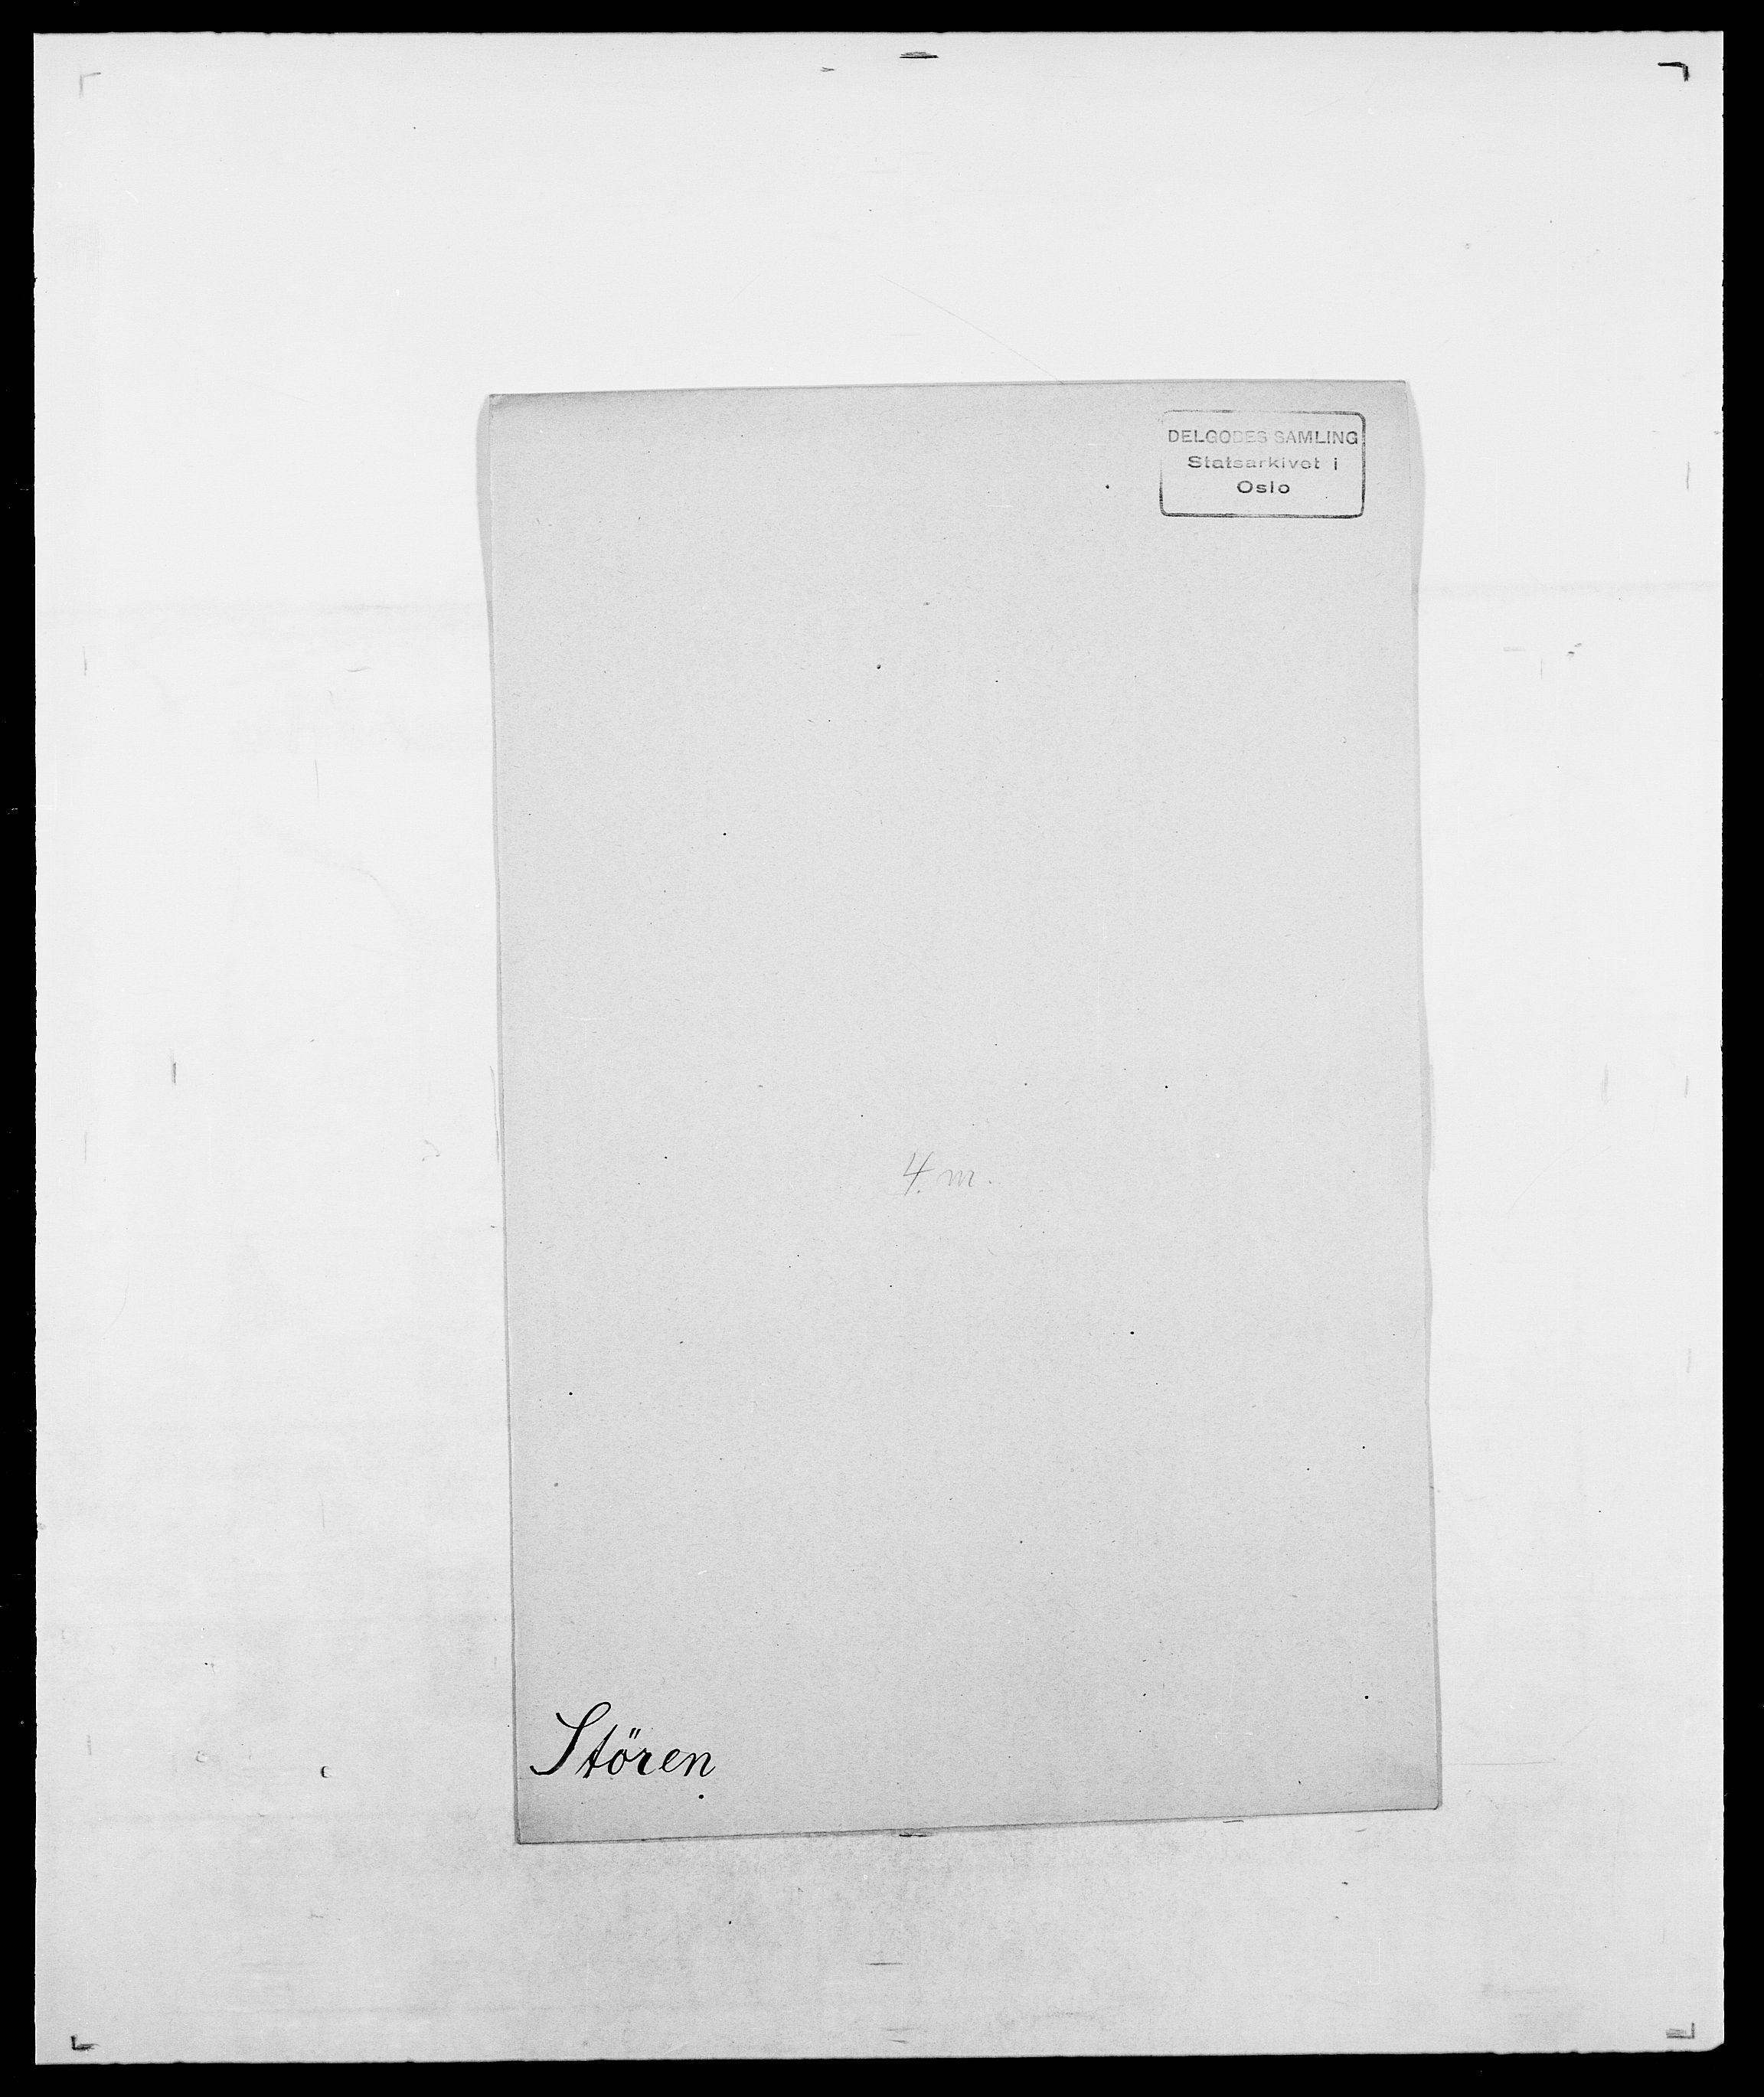 SAO, Delgobe, Charles Antoine - samling, D/Da/L0037: Steen, Sthen, Stein - Svare, Svanige, Svanne, se også Svanning og Schwane, s. 841